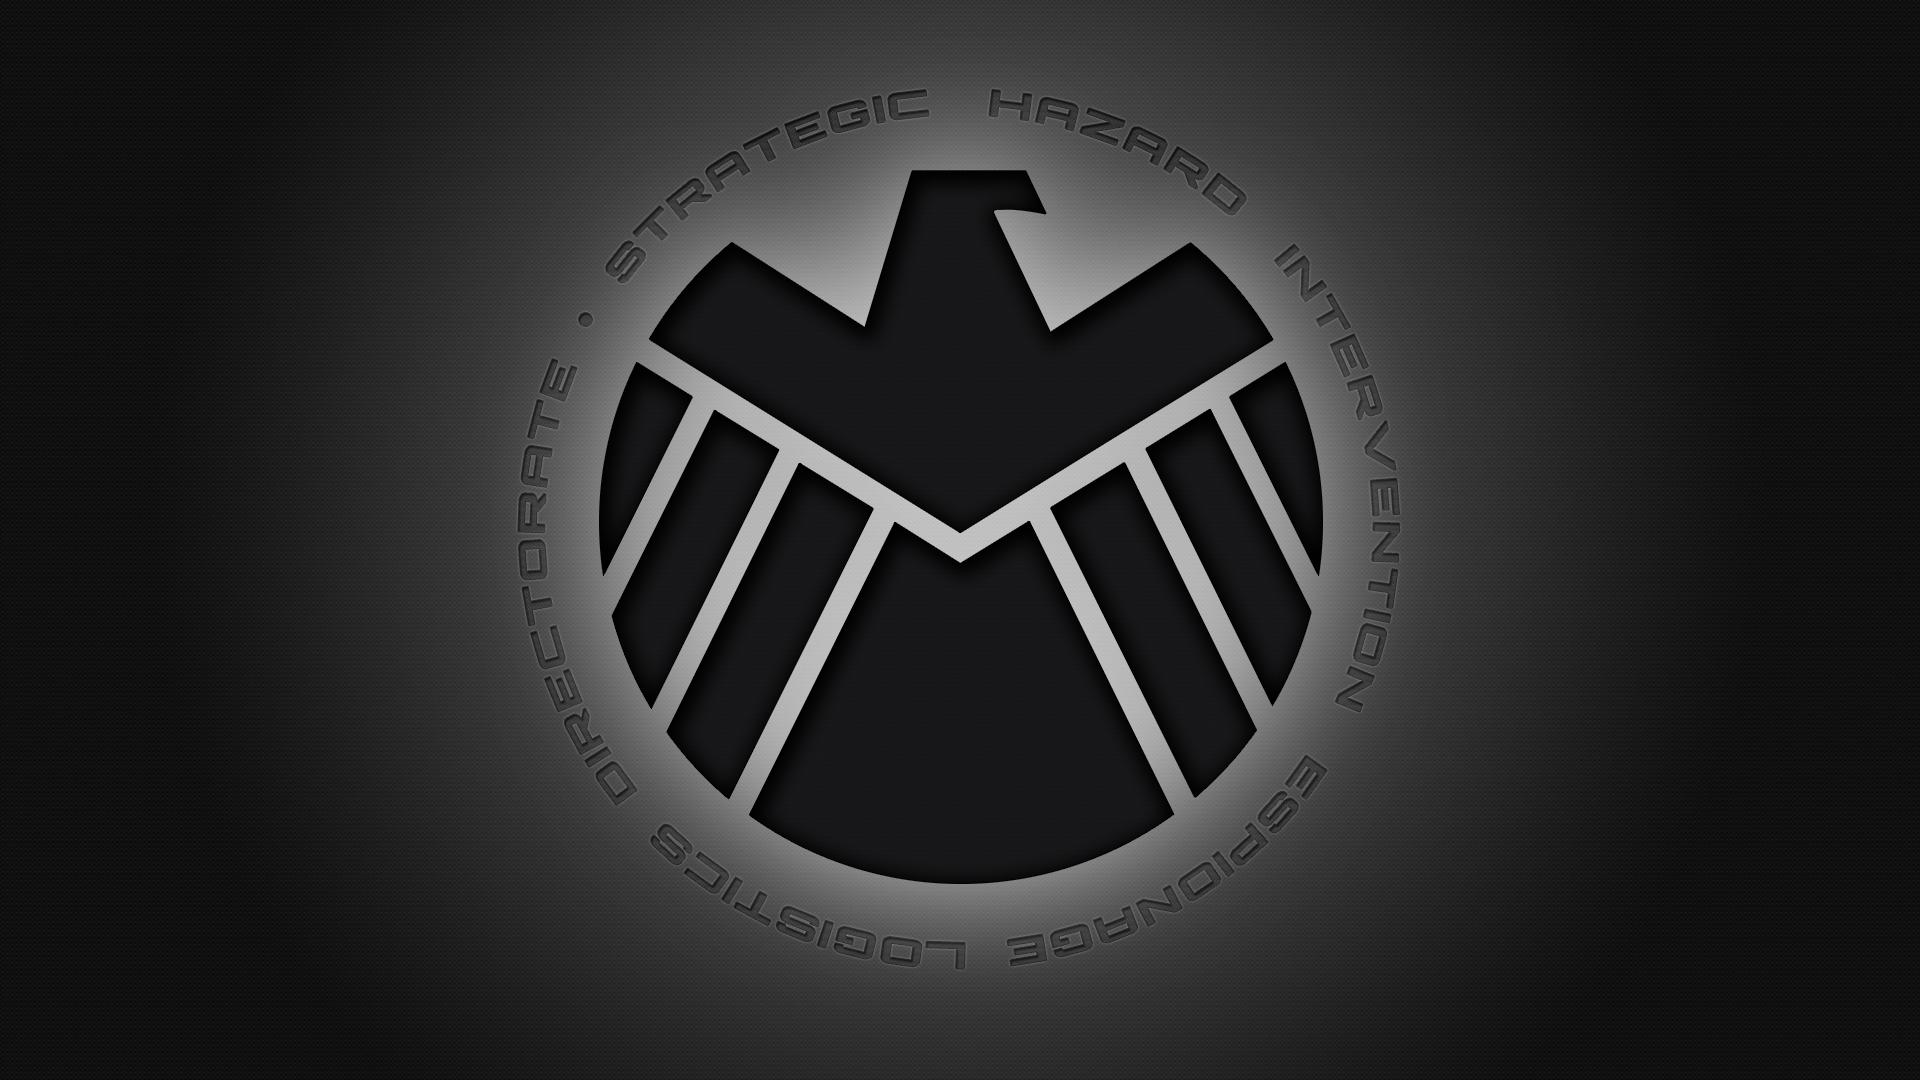 Iphone wallpaper kingsman - Marvel Shield Logo Wallpaper Wallpapersafari